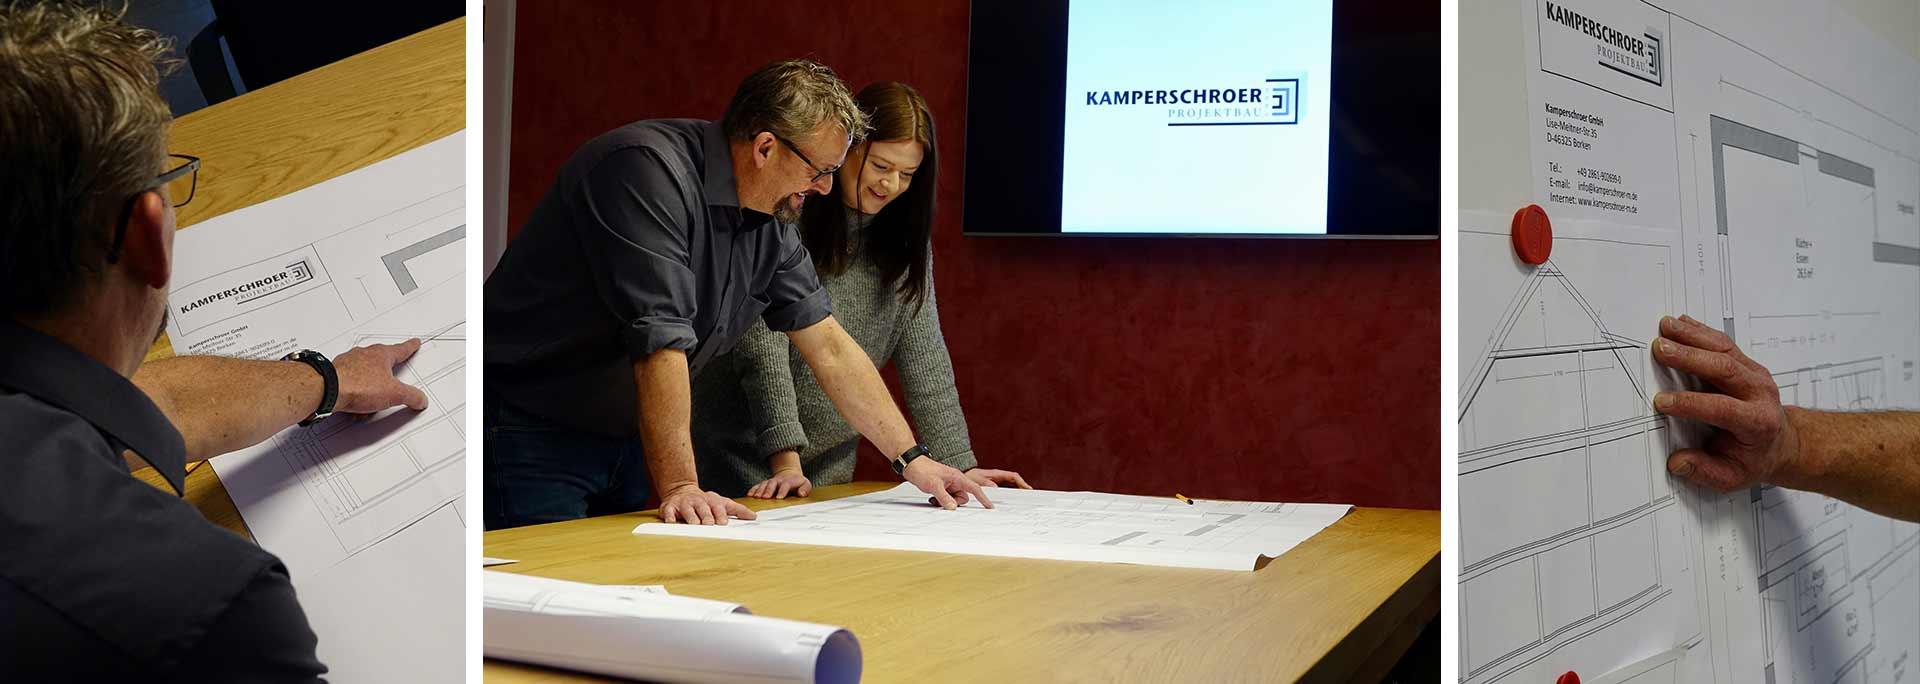 Kamperschroer Projektbau GmbH